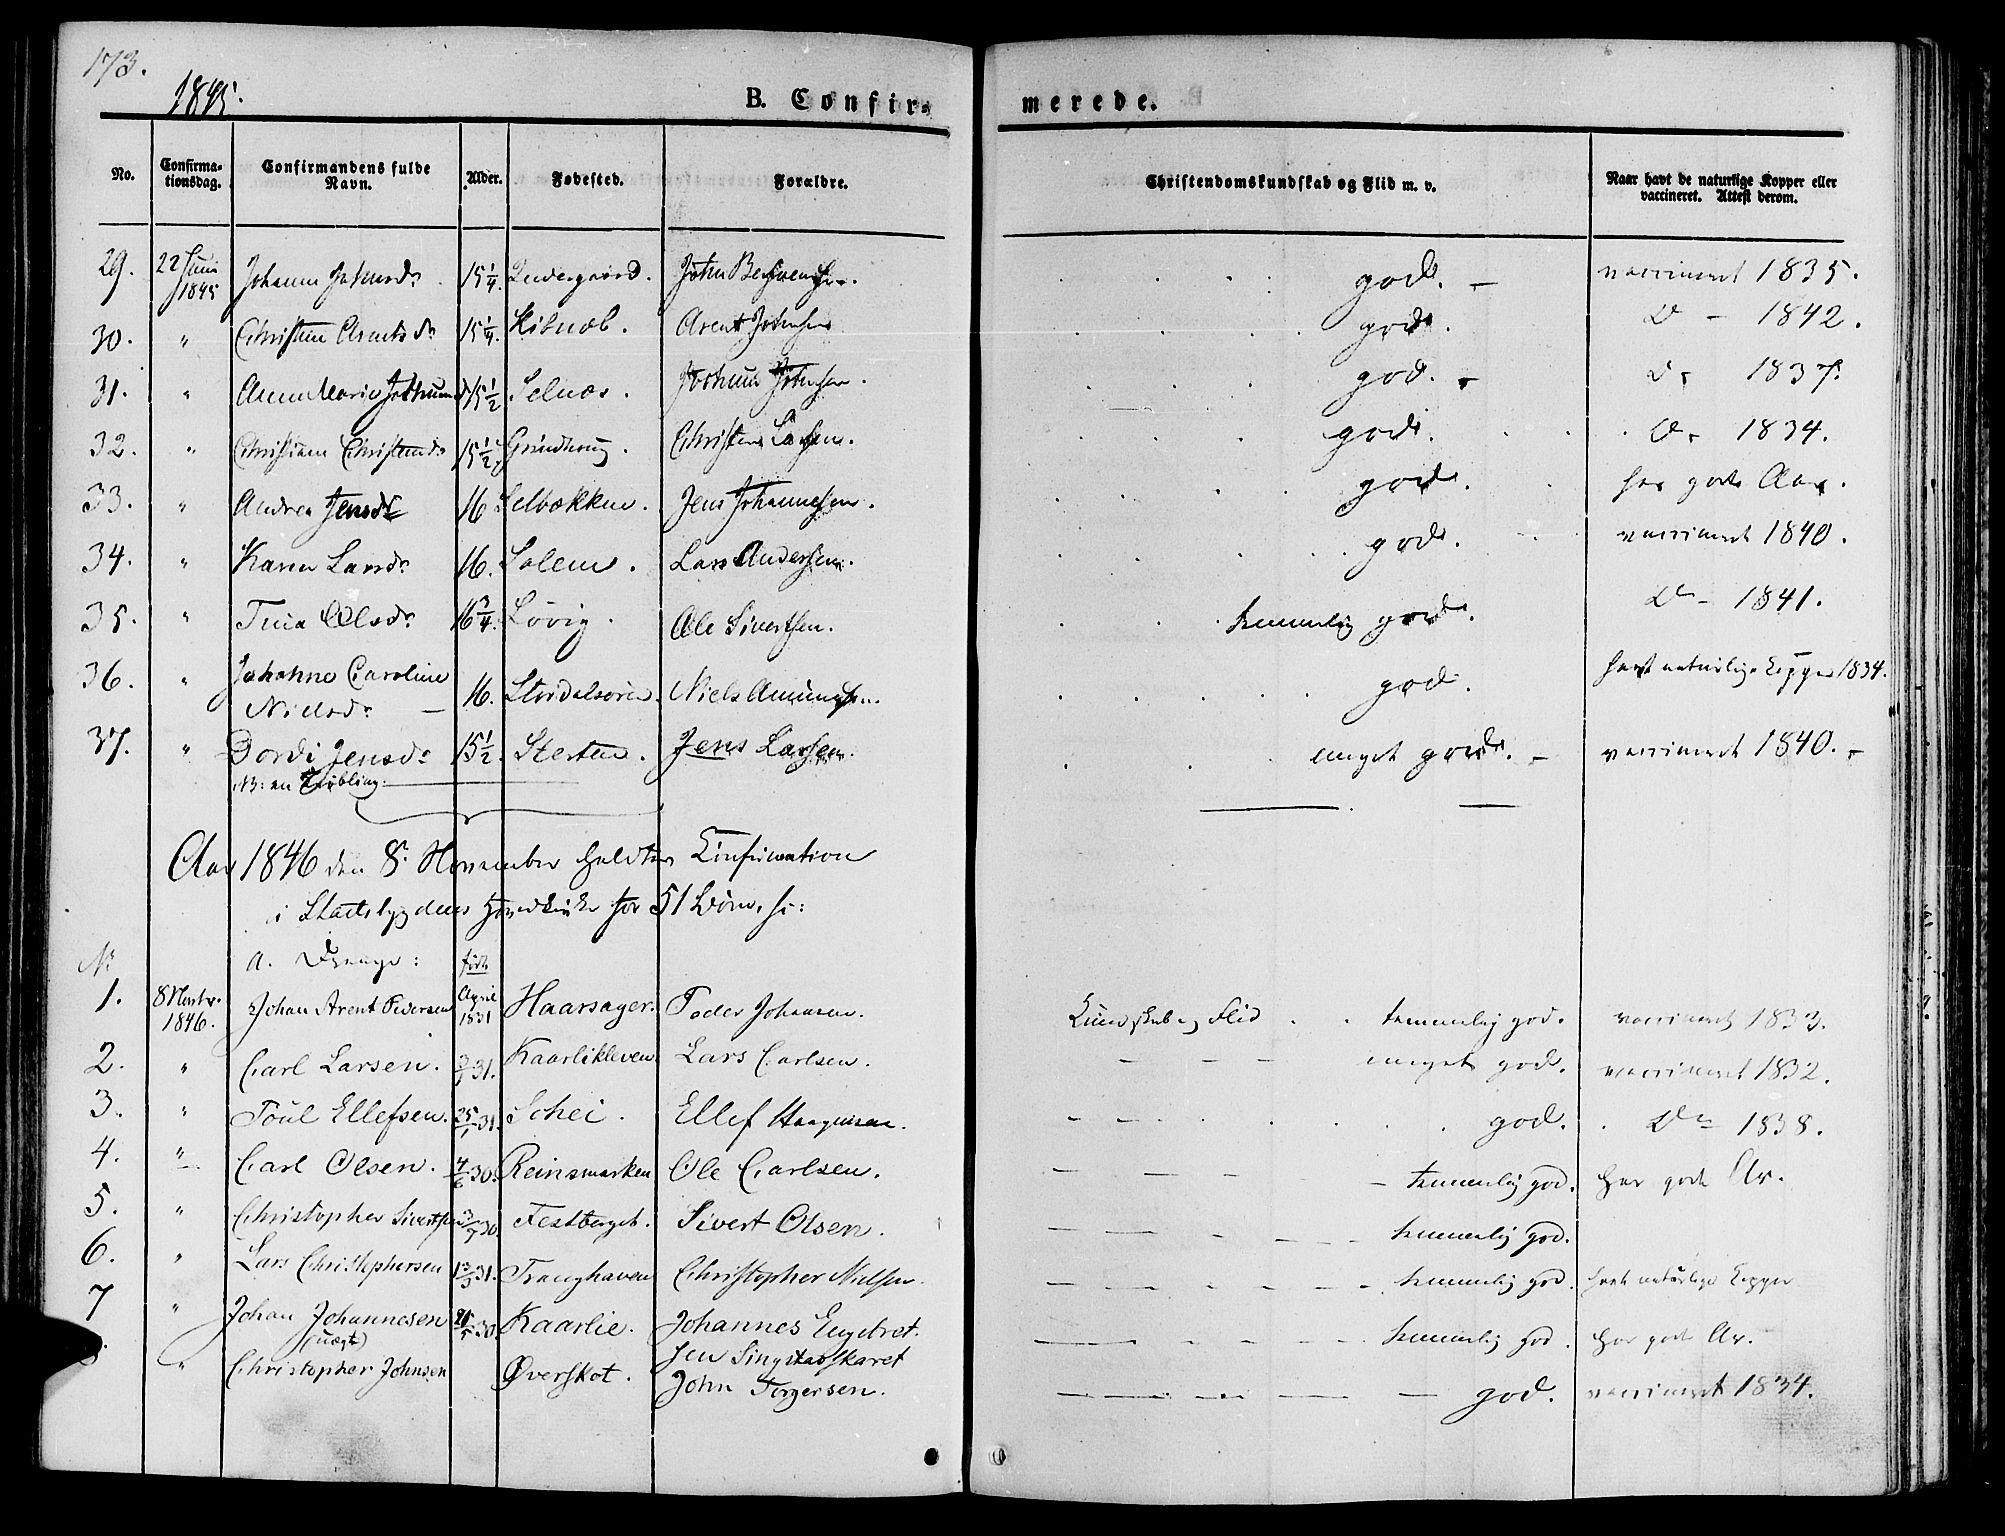 SAT, Ministerialprotokoller, klokkerbøker og fødselsregistre - Sør-Trøndelag, 646/L0610: Ministerialbok nr. 646A08, 1837-1847, s. 173